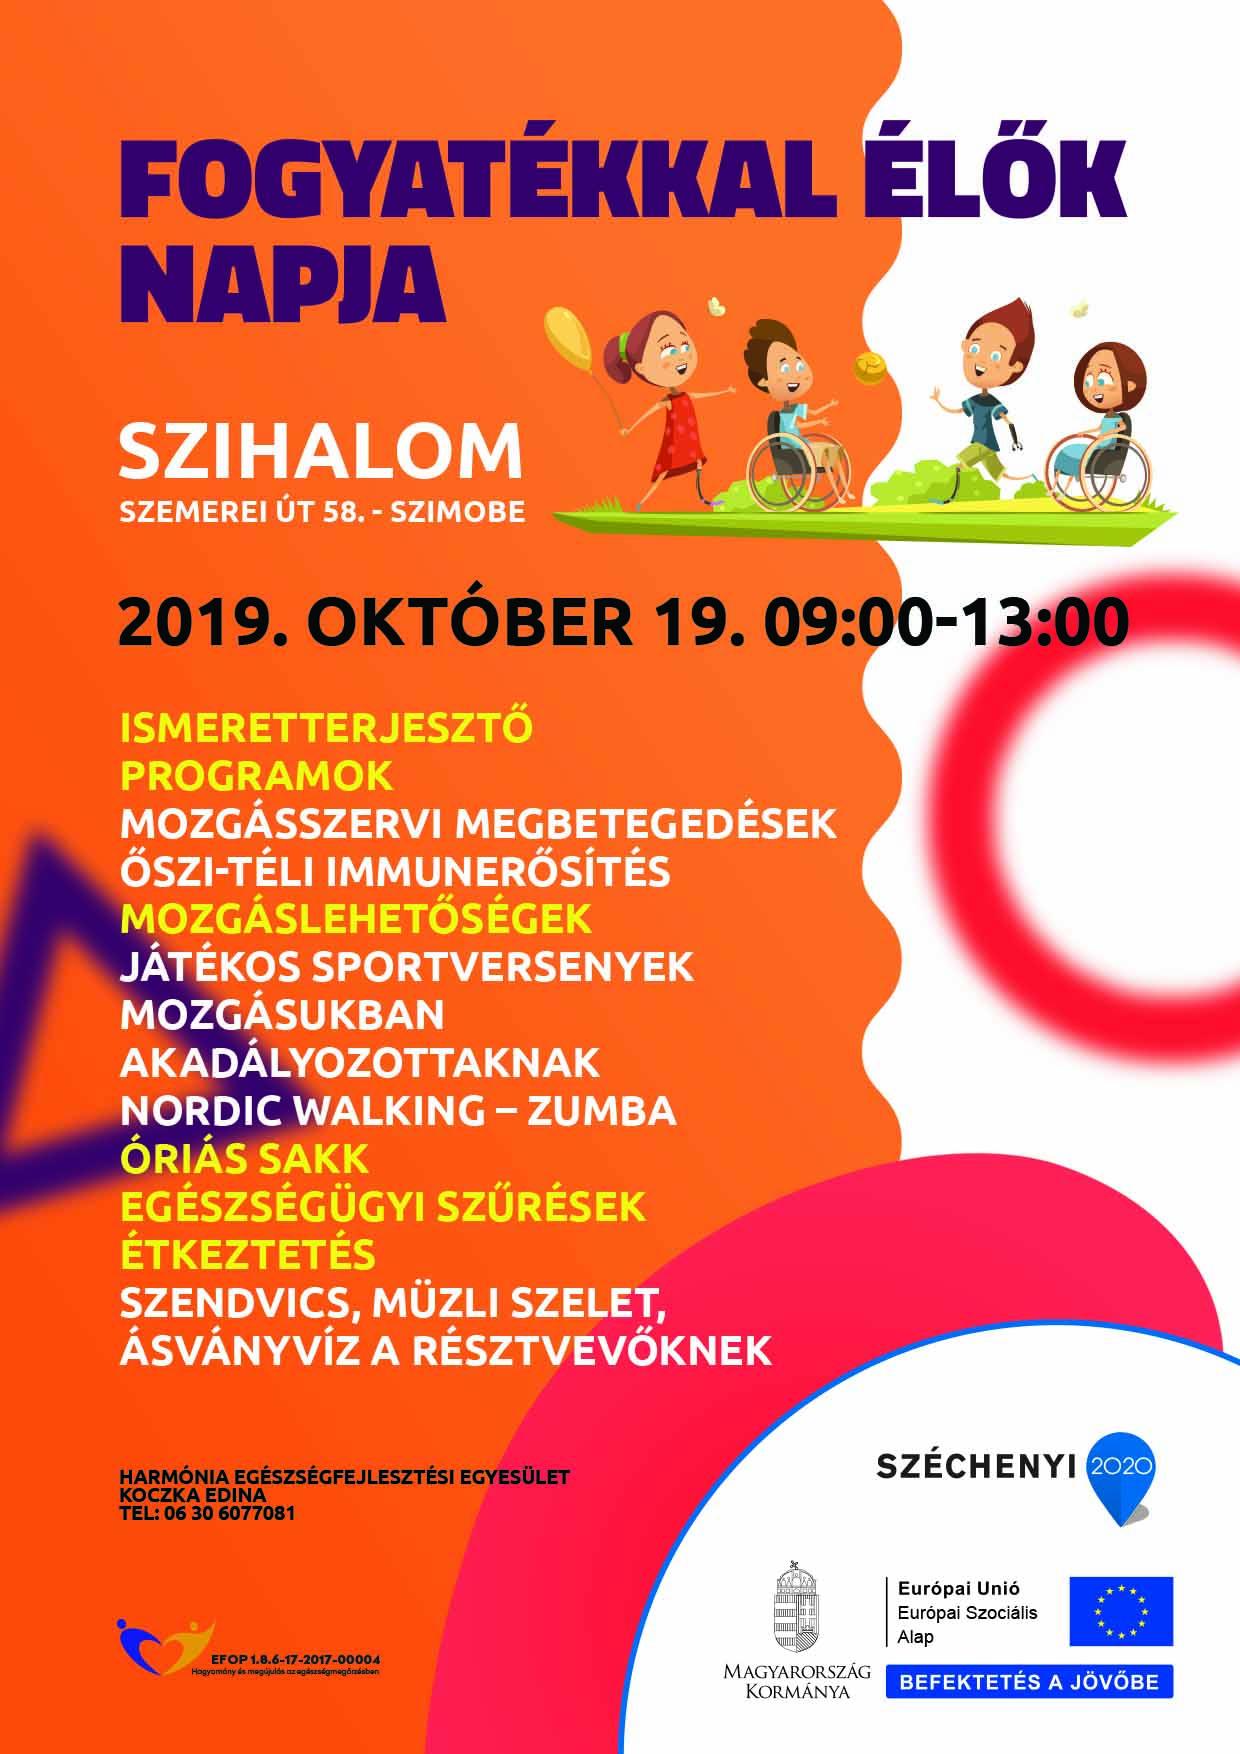 Szihalom – Fogyatékkal élők napja – 2019. október 19.